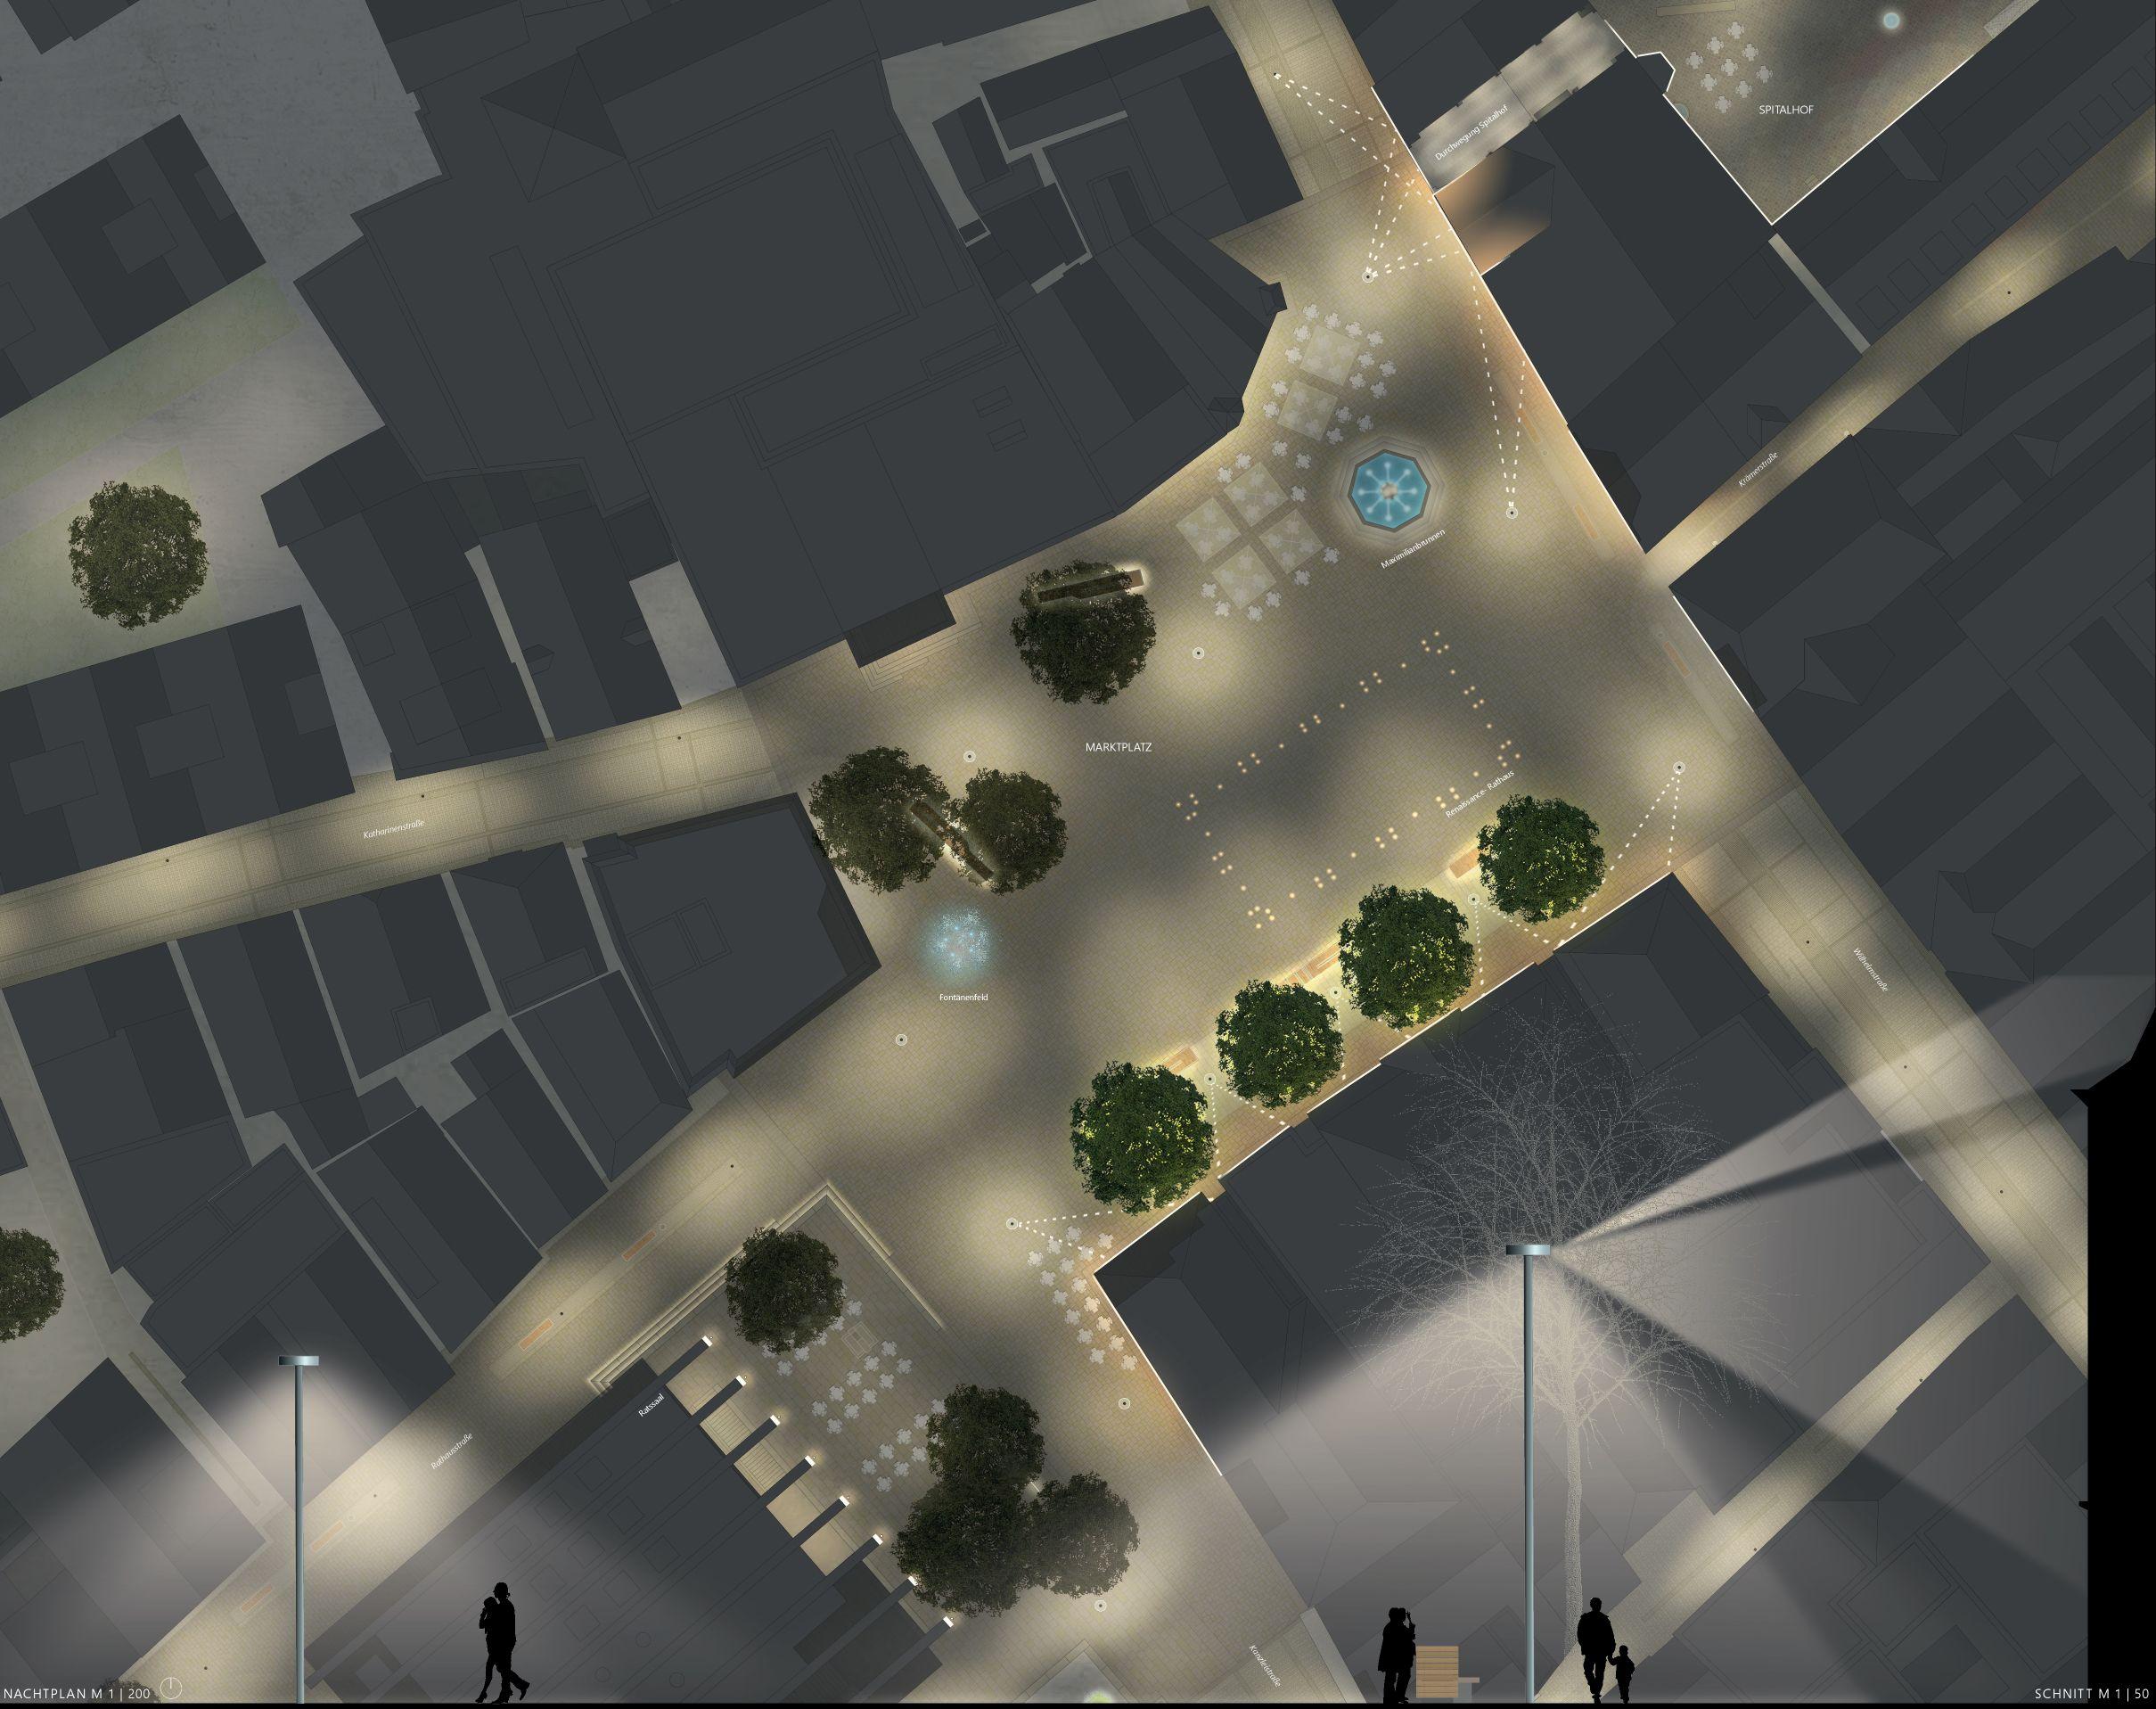 1. Platz Realisierungswettbewerb: Aufsicht Marktplatz im Nachtplan mit Beleuchtungskonzept von Glück Landschaftsarchitektur GmbH, Stuttgart mit Daniel Schönle Architektur und Stadtplanung, Stuttgart